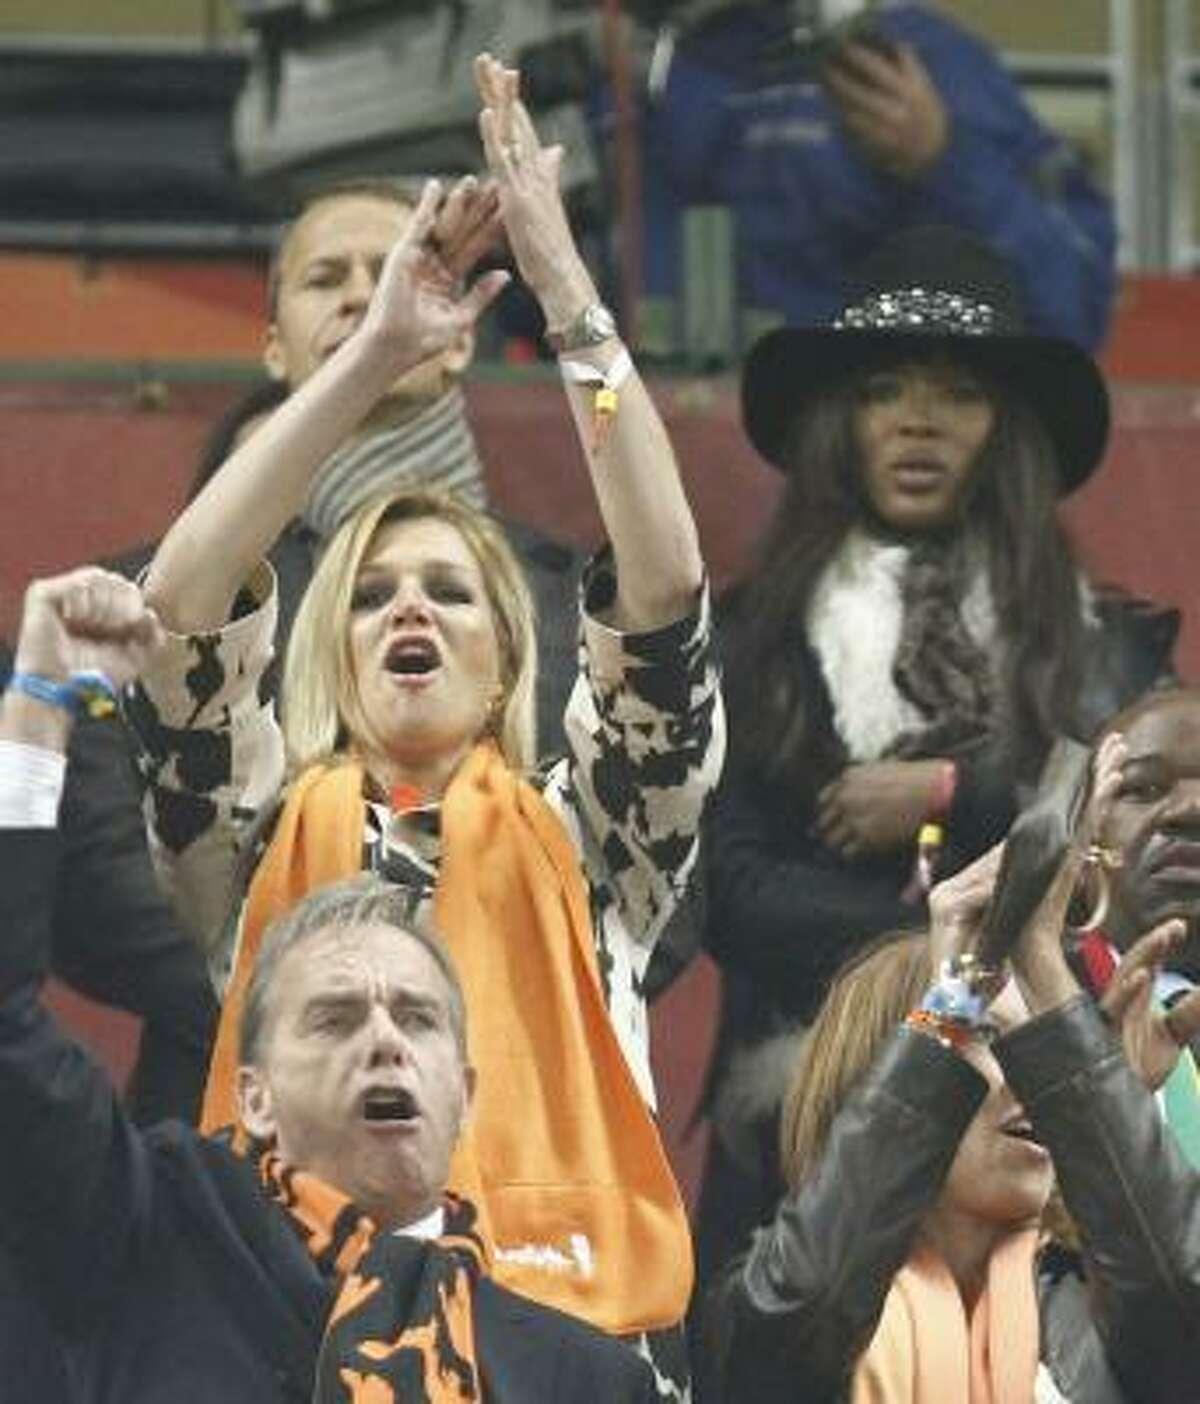 La princesa Máxima (izq.) de Holanda, oriunda de Argentina, apoya a la selección naranja frente a Uruguay, delante de la modelo Naomi Campbell (der.).